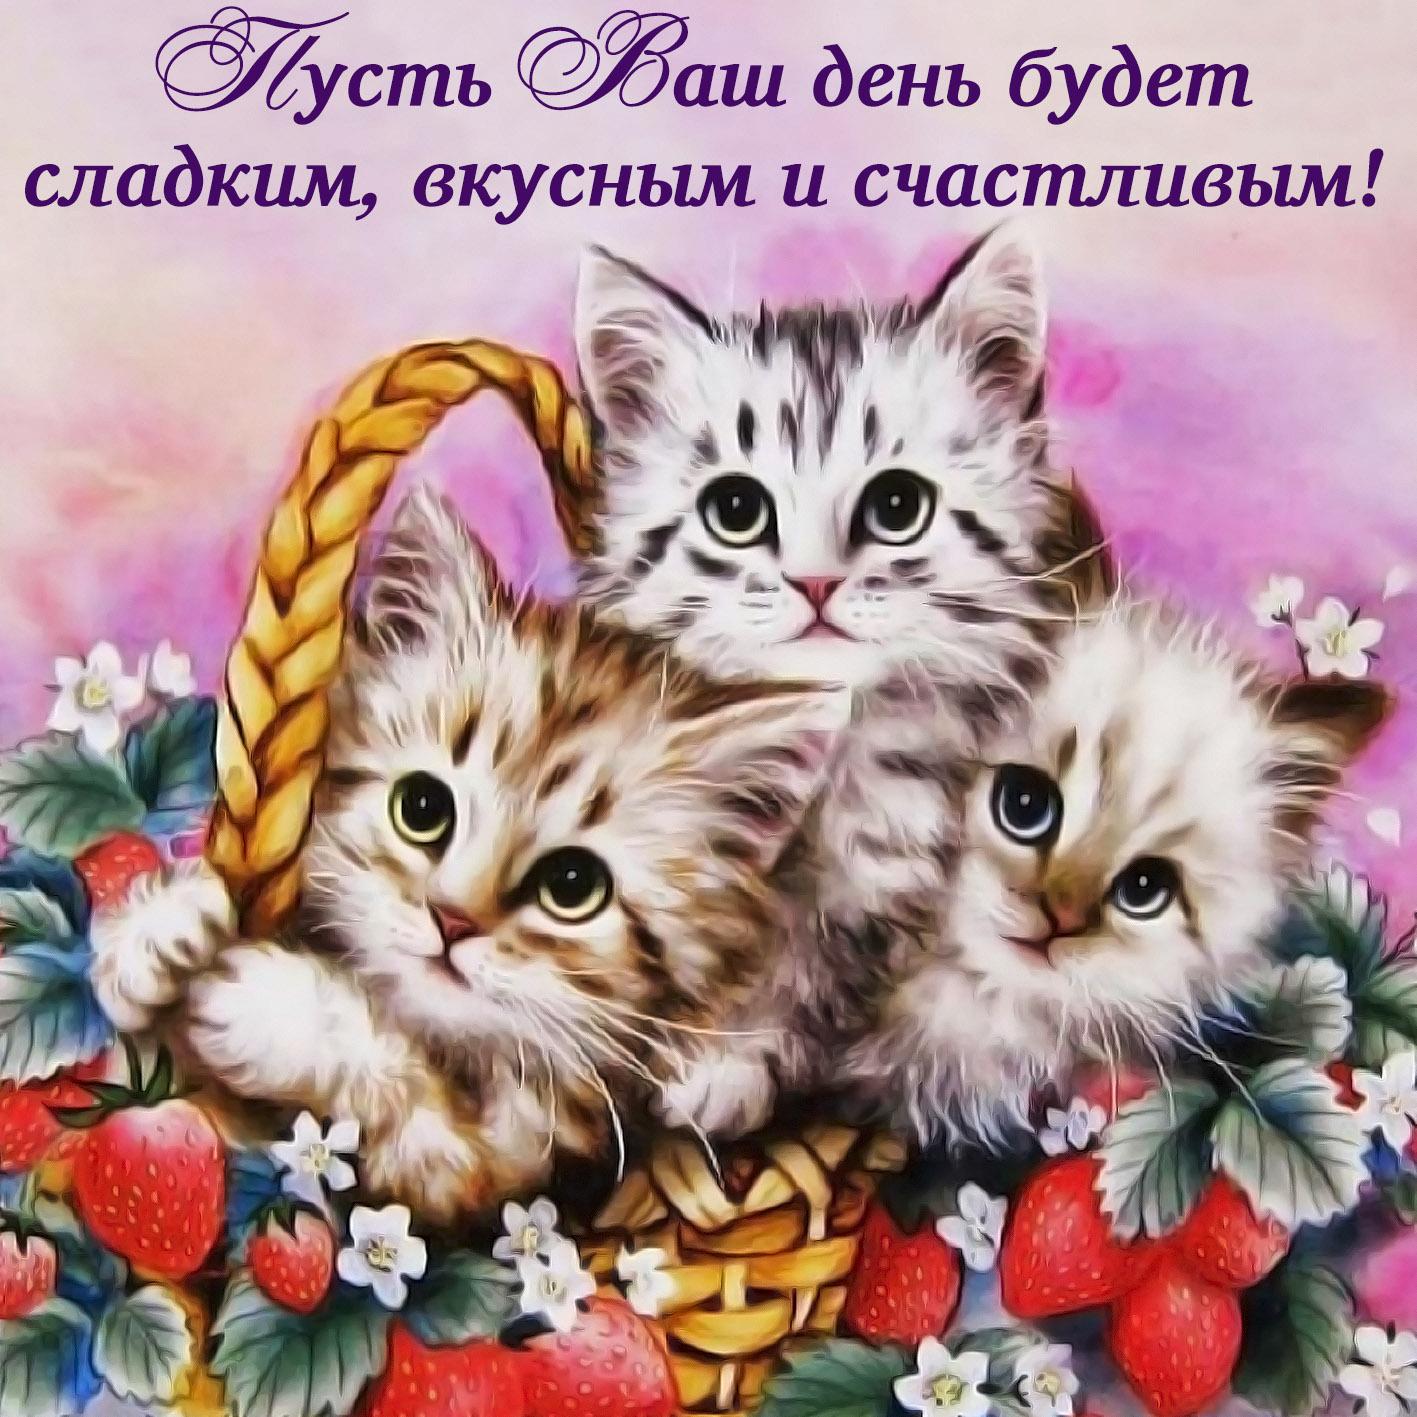 Открытка - милые котята желают счастливого дня